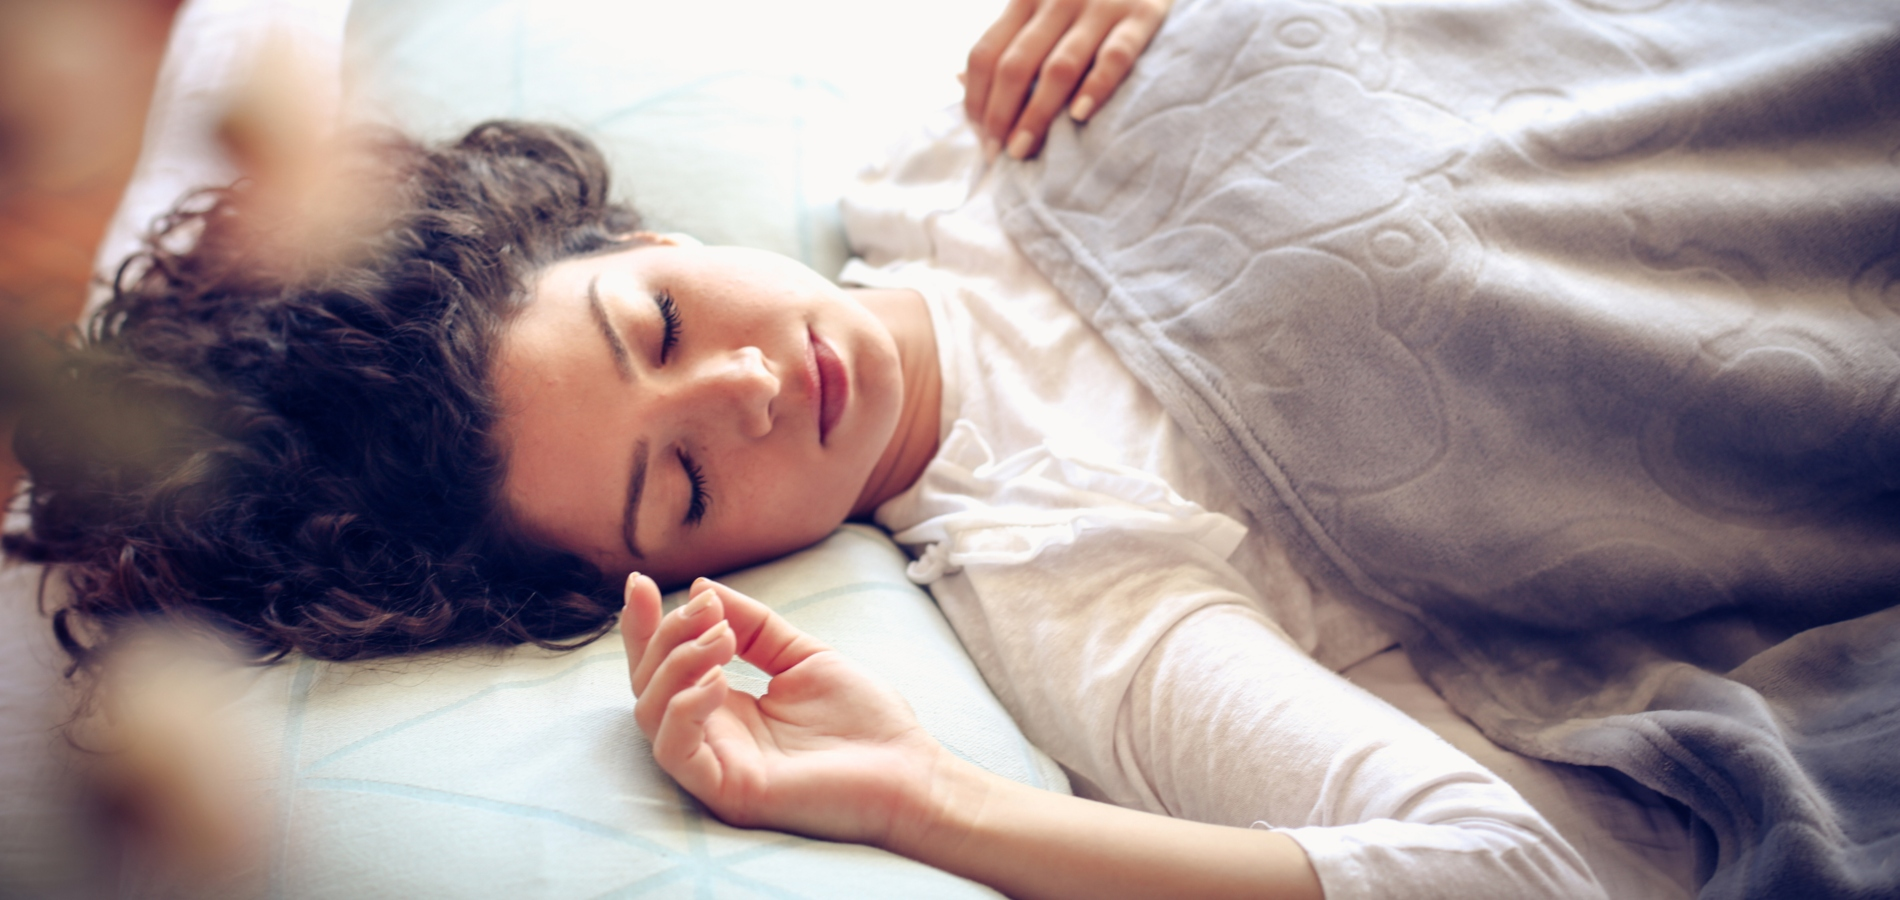 Trucs et astuces pour lutter contre l'apnée du sommeil légère - Madame  Figaro